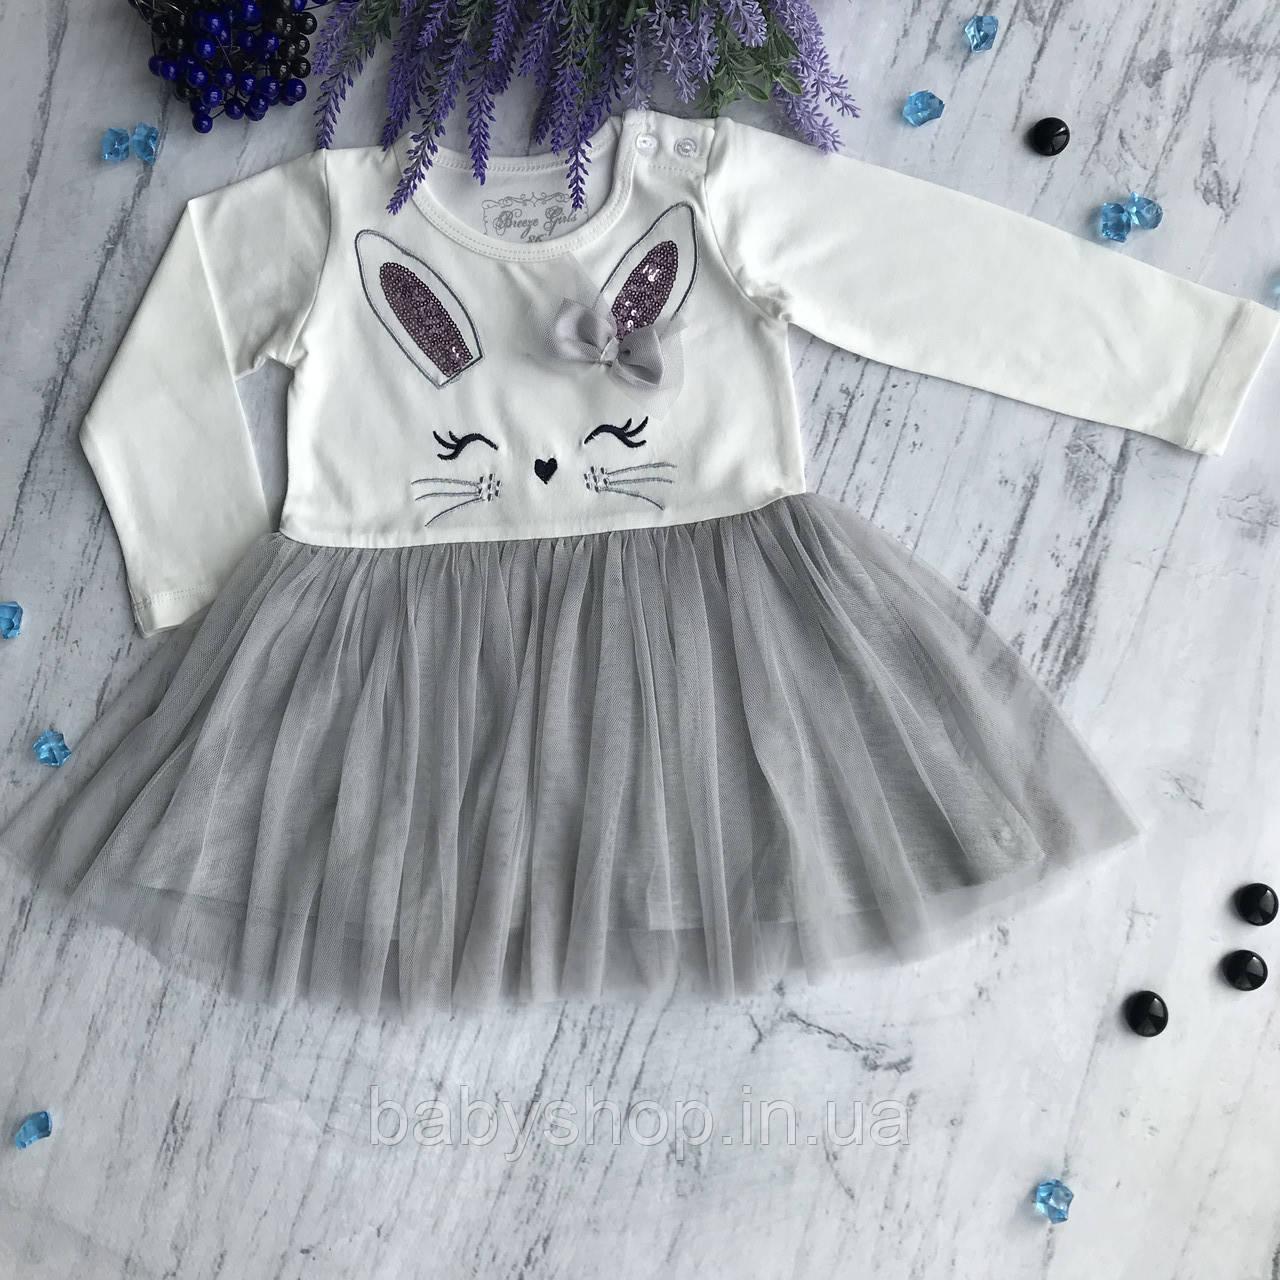 Платье на девочку Breeze 12-1/0. Размеры 86 см, 92 см, 98 см, 104 см